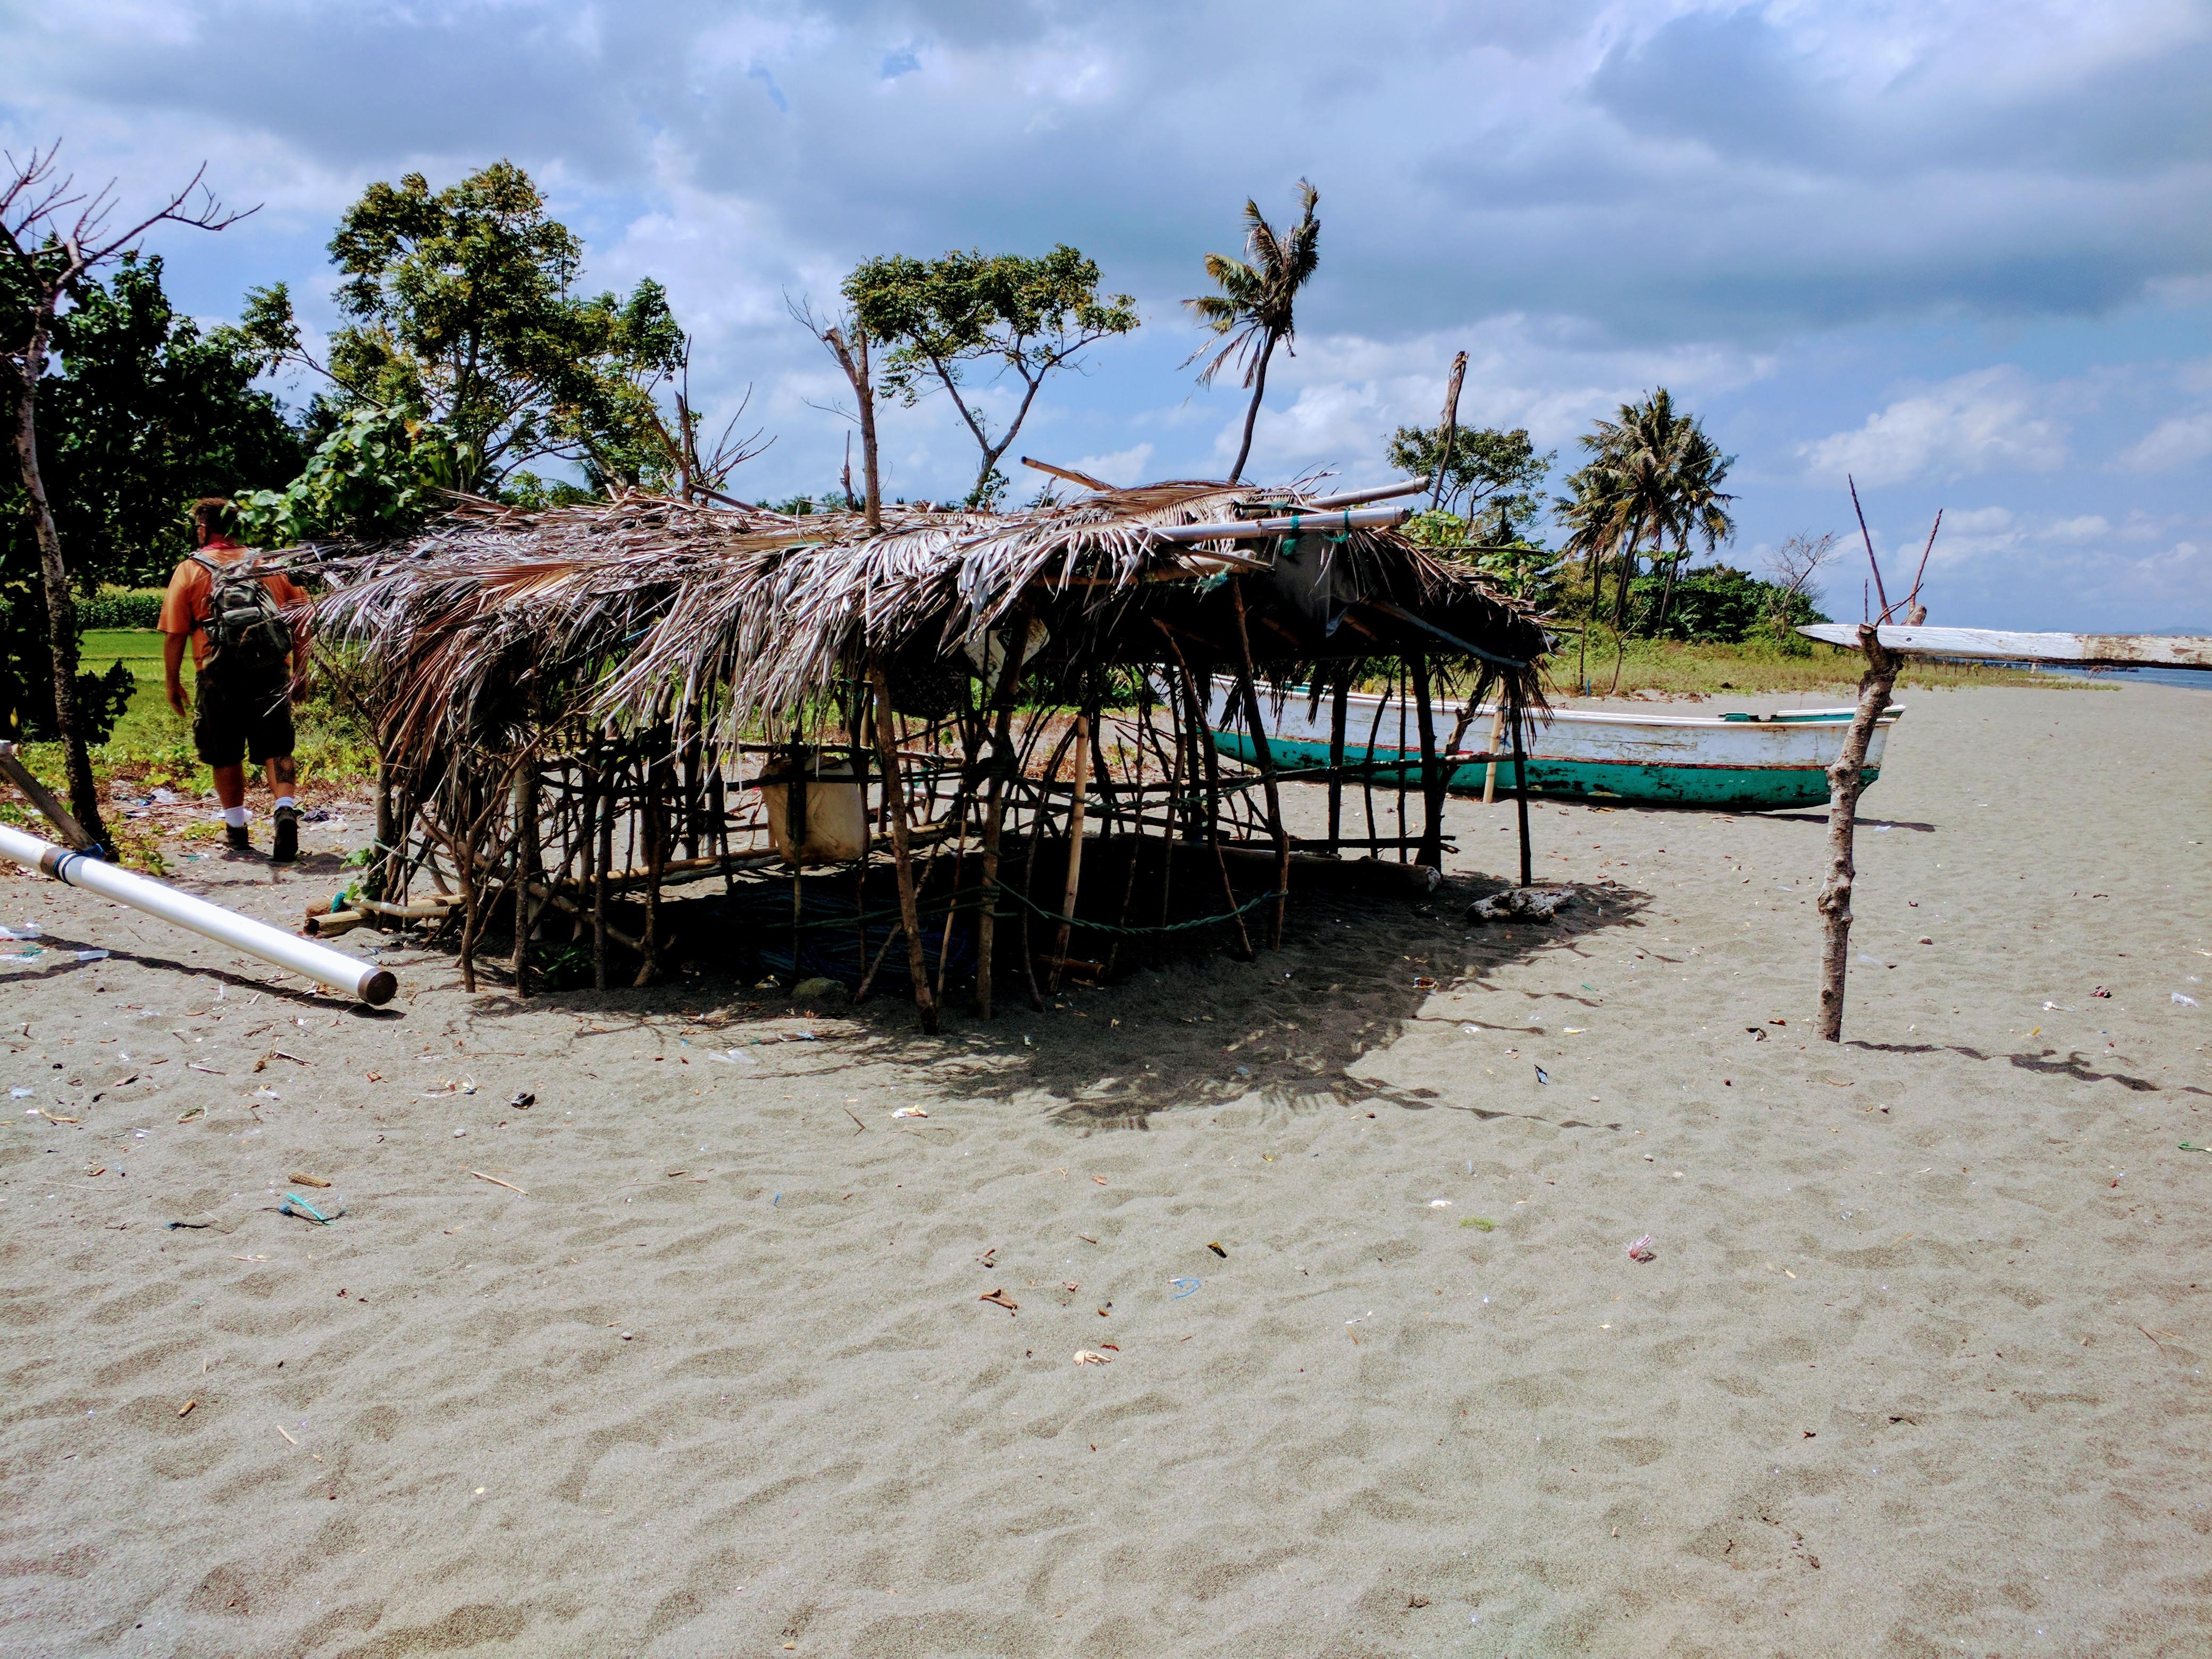 Fisherman's beach shelter